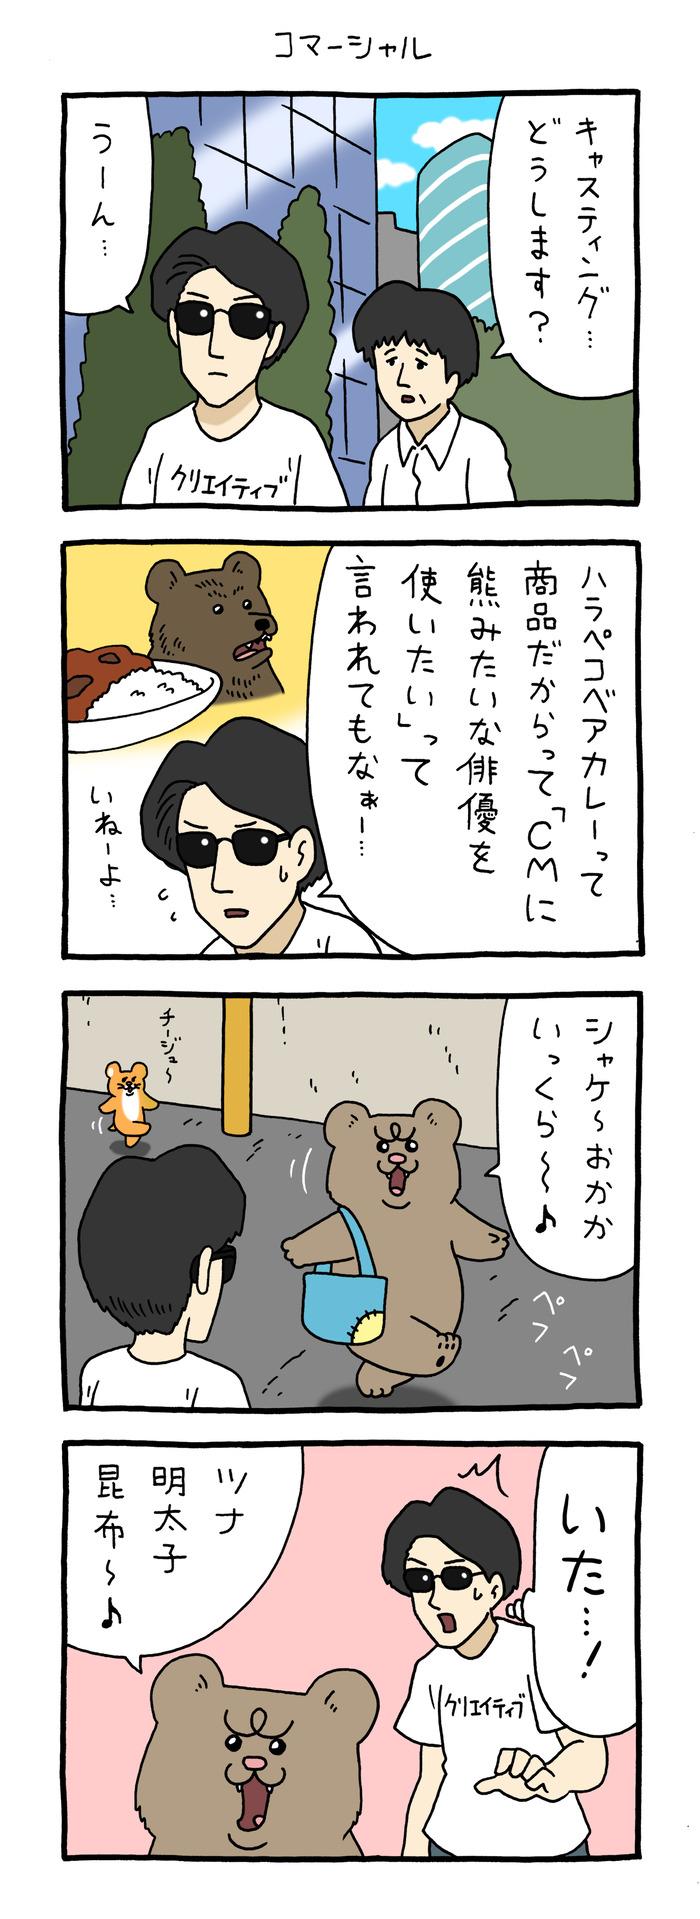 悲熊とコマーシャル1 のコピー